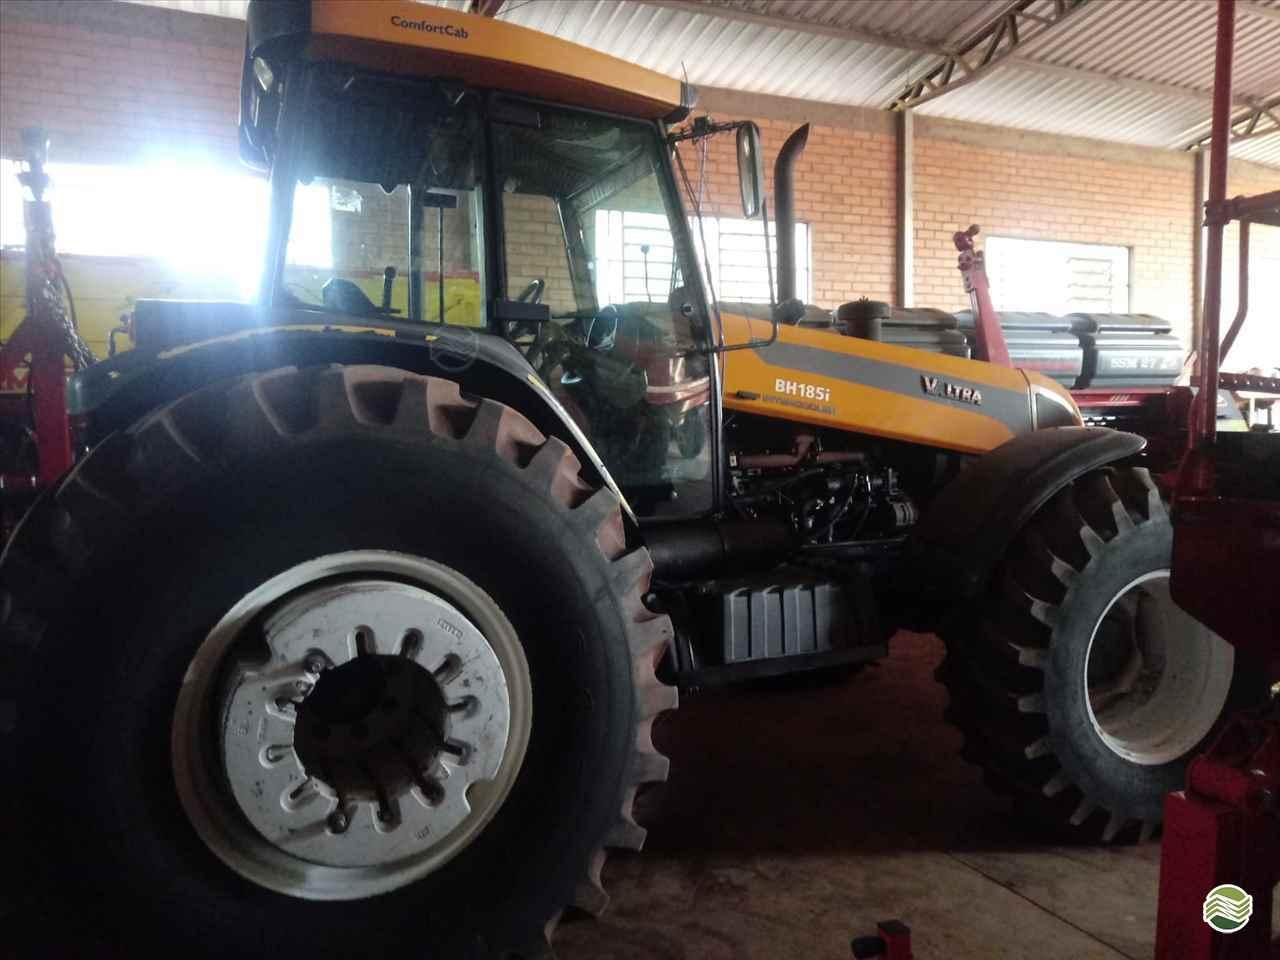 TRATOR VALTRA VALTRA BH 185 Tração 4x4 Agroforte DAVID CANABARRO RIO GRANDE DO SUL RS